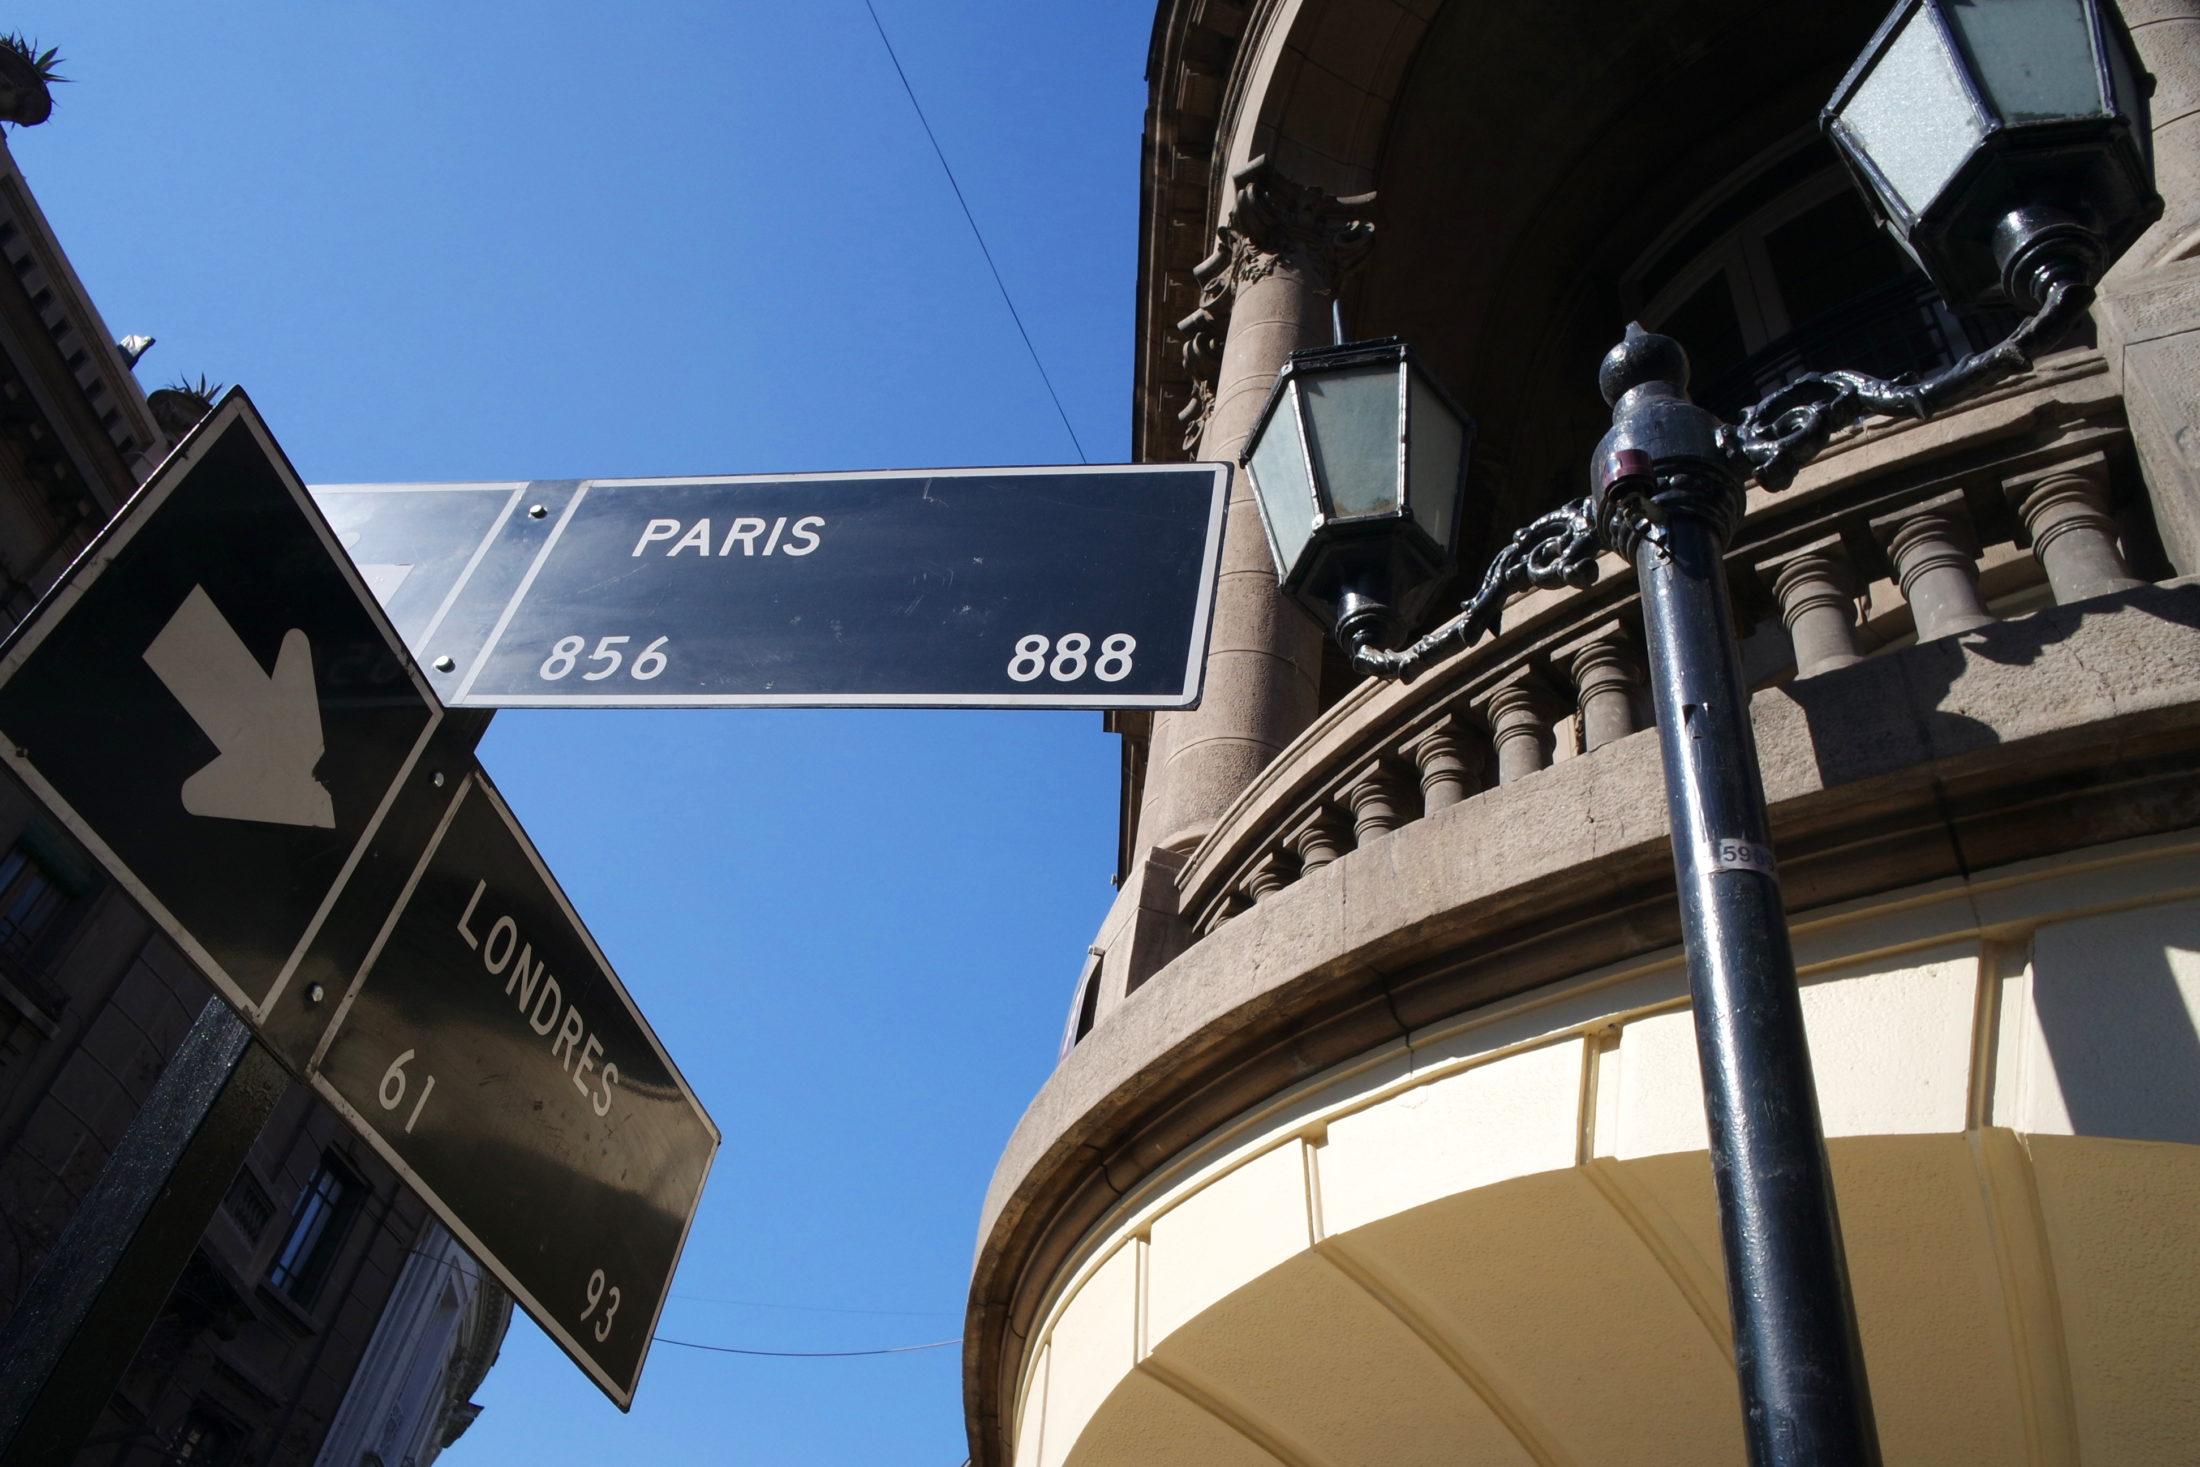 Placas sinalizando o cruzamento das ruas paris e londres, em santiago do chile